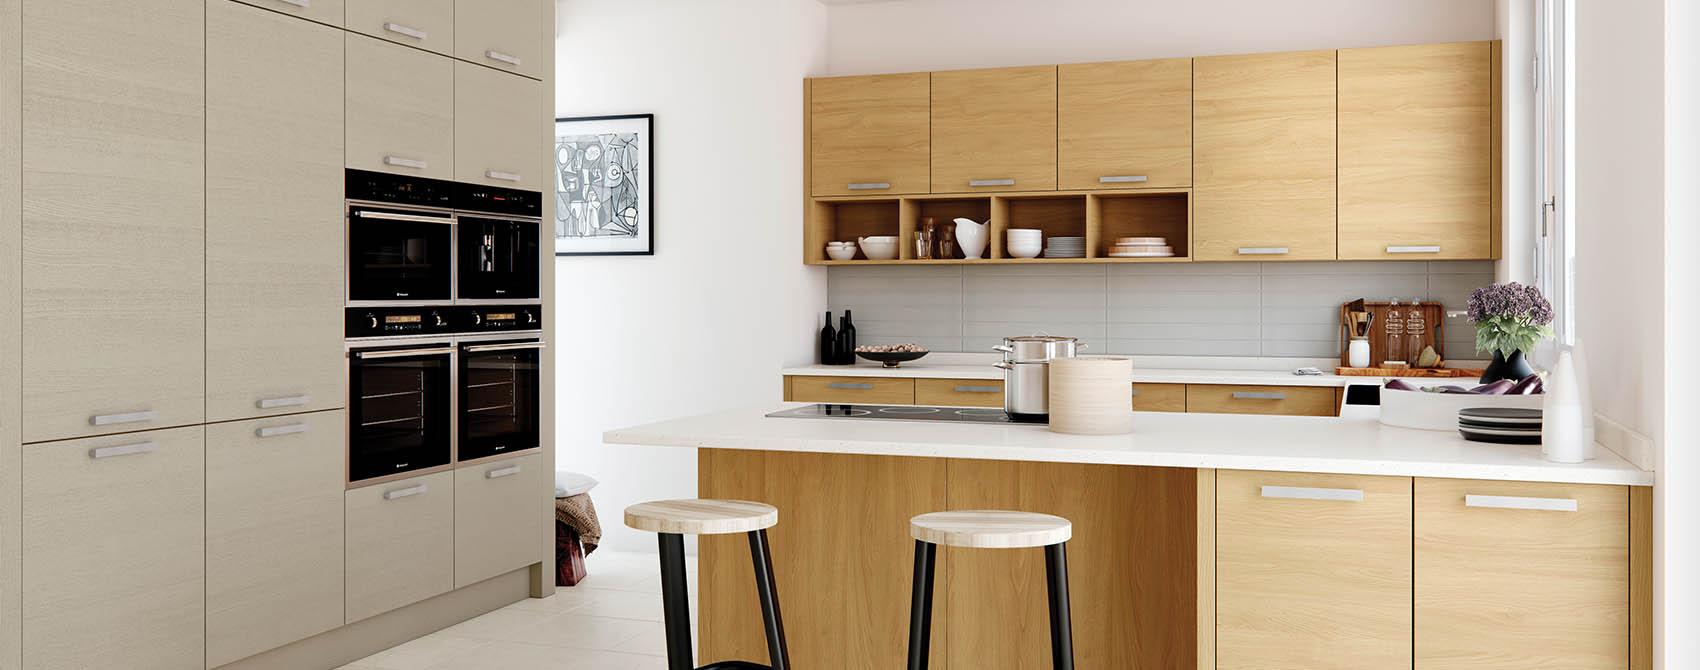 pinterest kitchen ideas